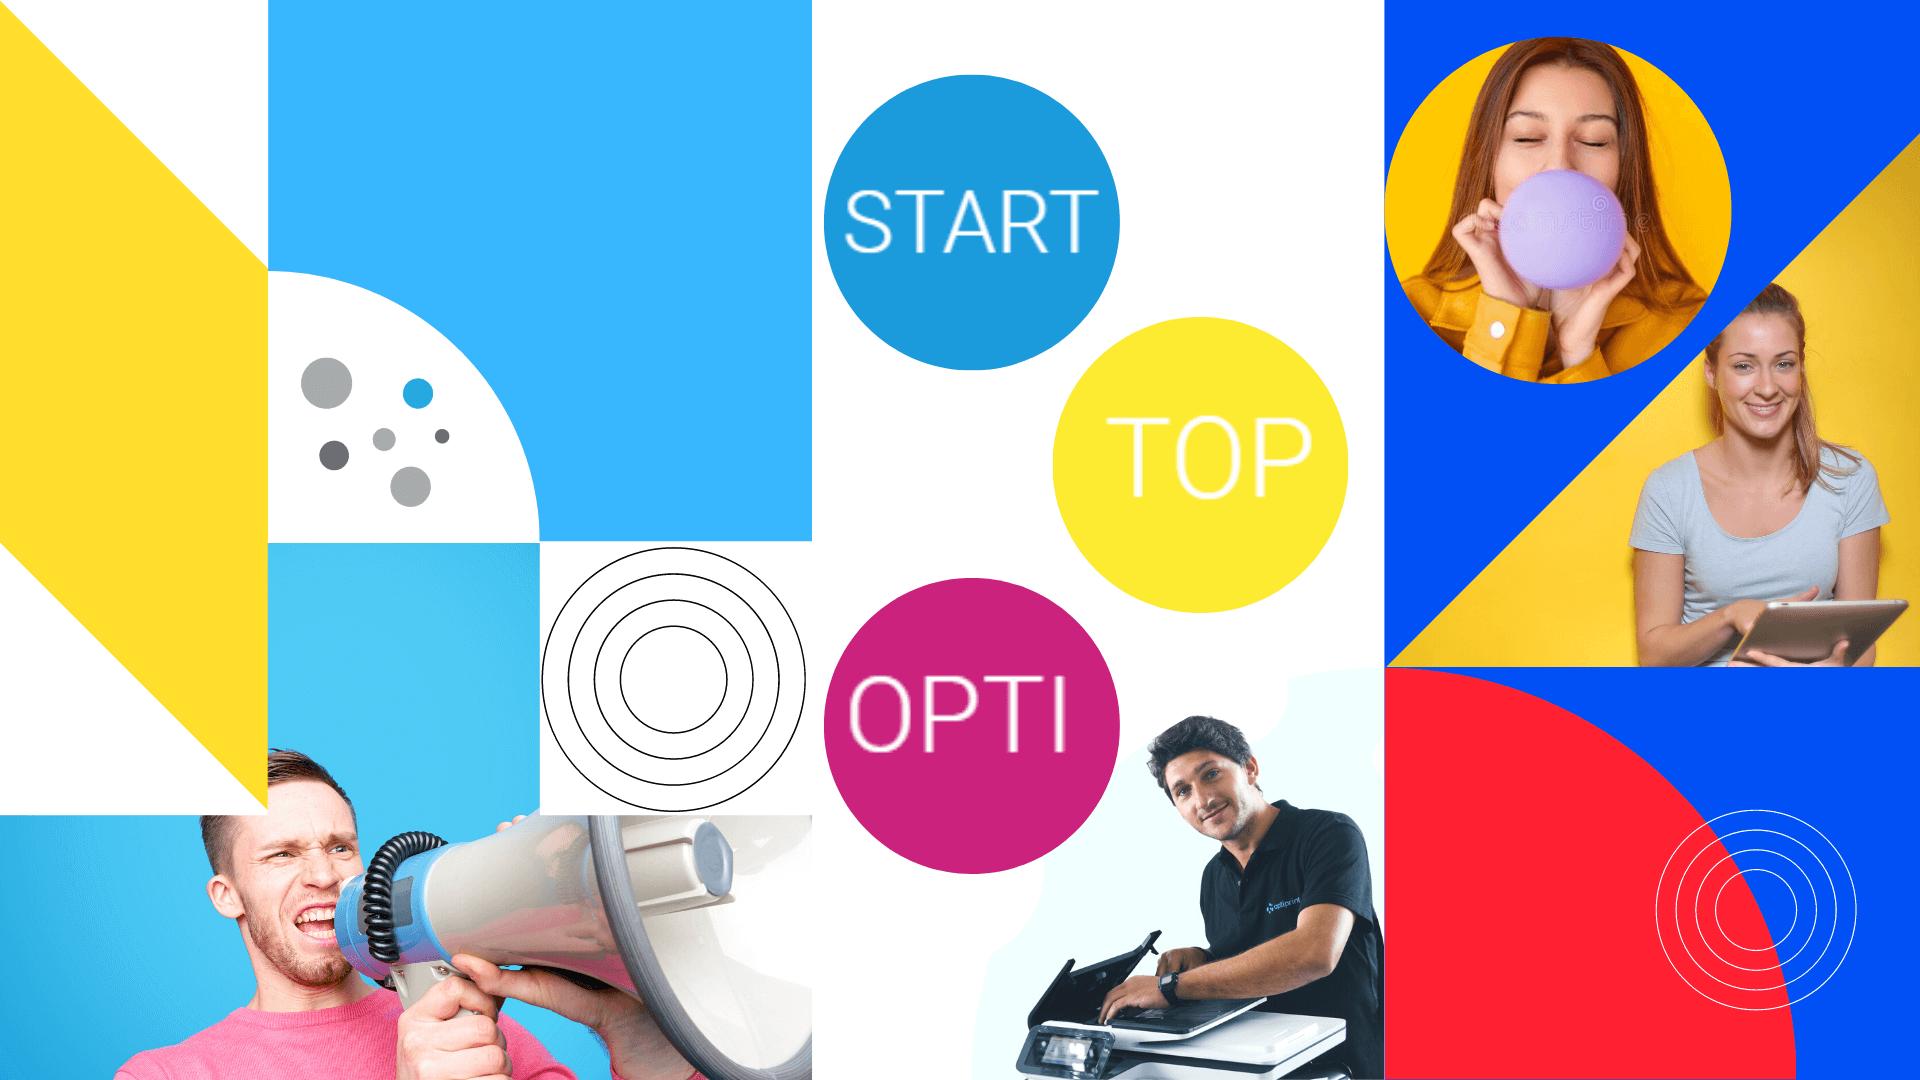 Tipărire optimă cu pachete START, TOP și OPTI!